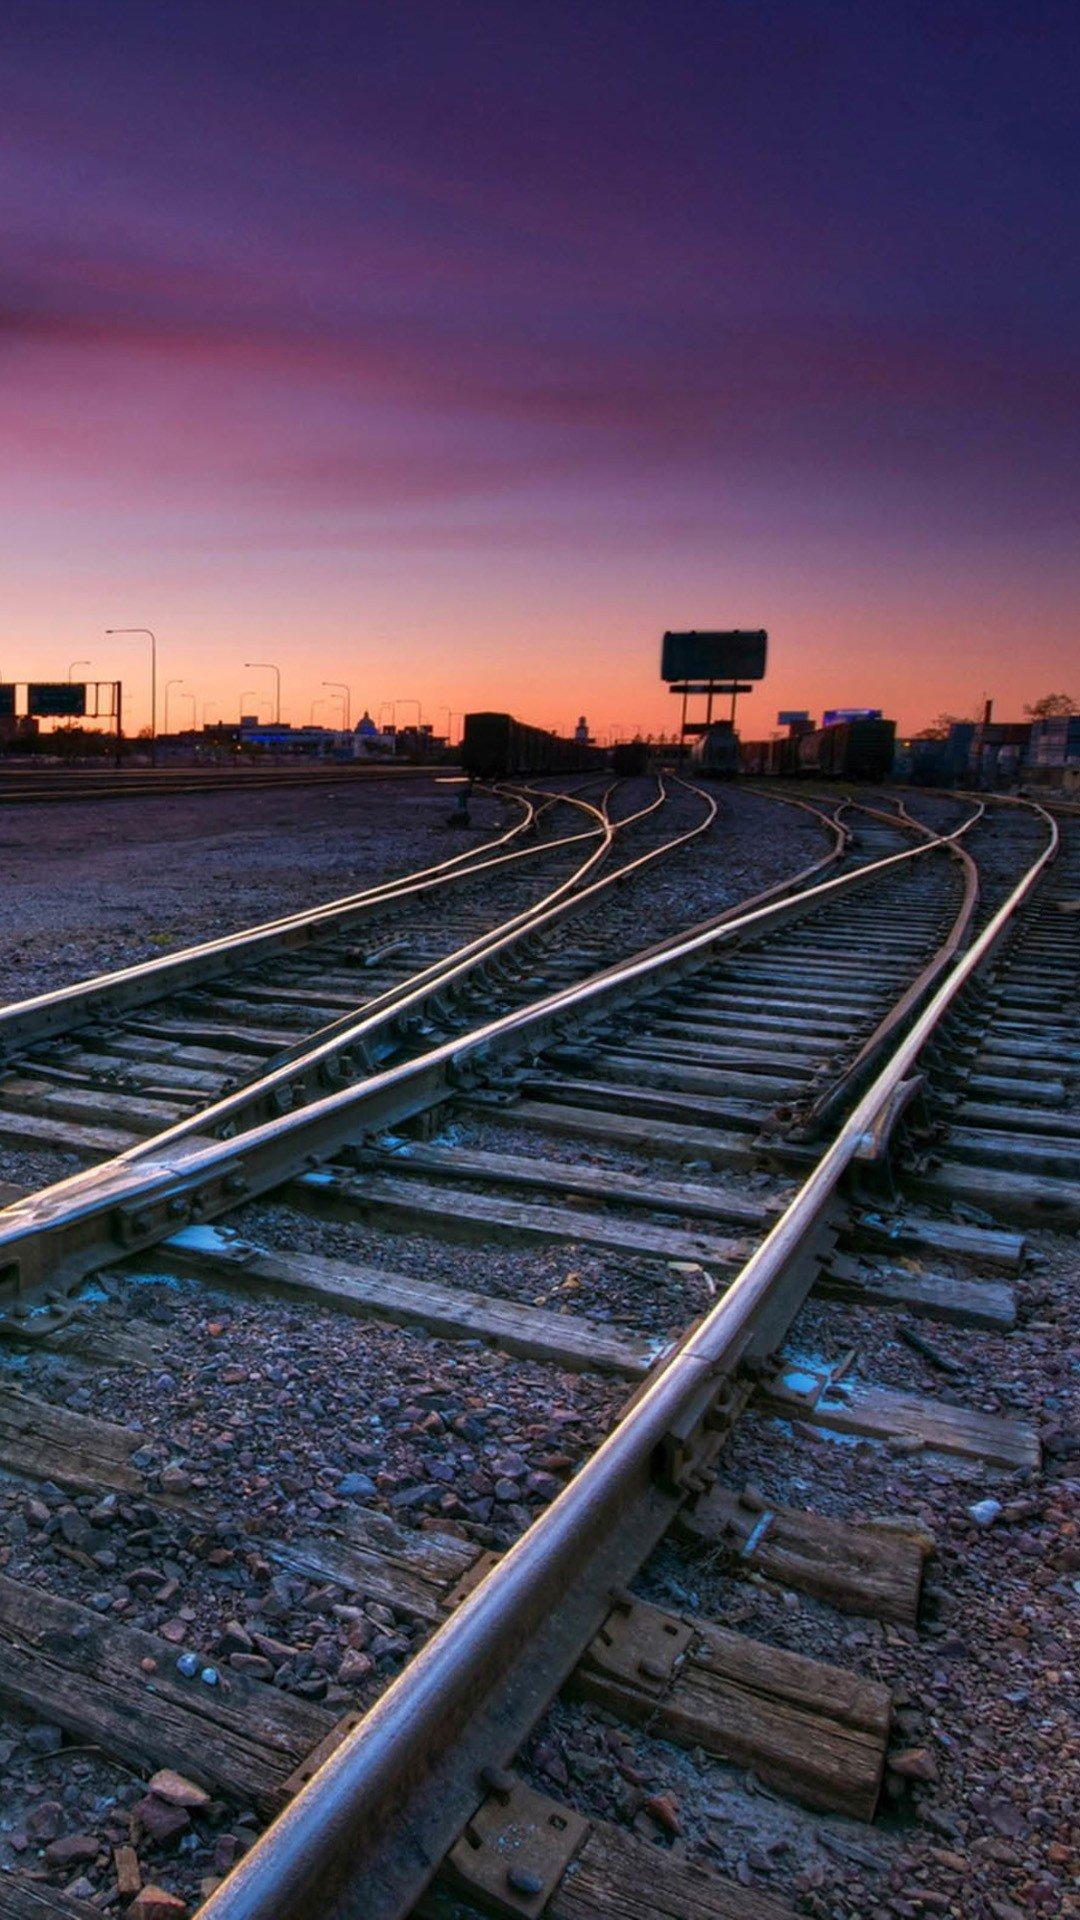 Hd train tracks wallpaper wallpapersafari for Smartphone hd wallpaper